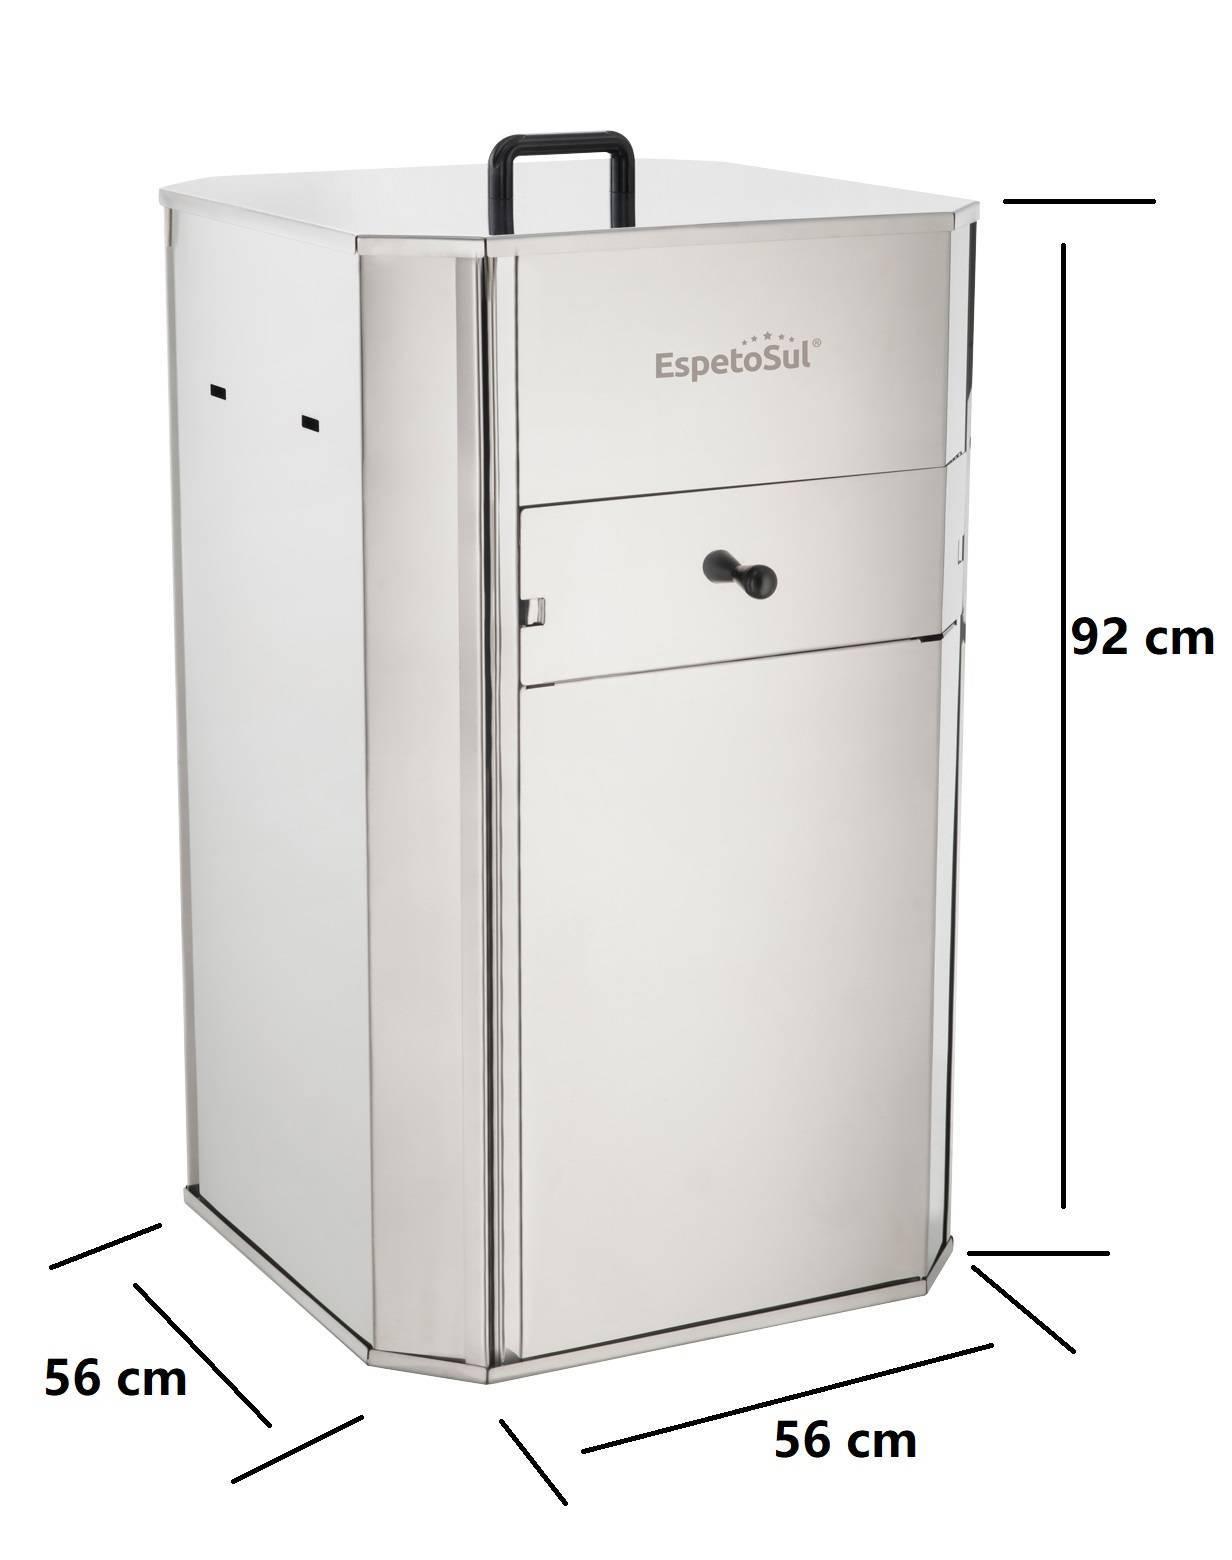 Churrasqueira a carvão inox 20 kg para costela 3 Espeto a pilha - EspetoSul